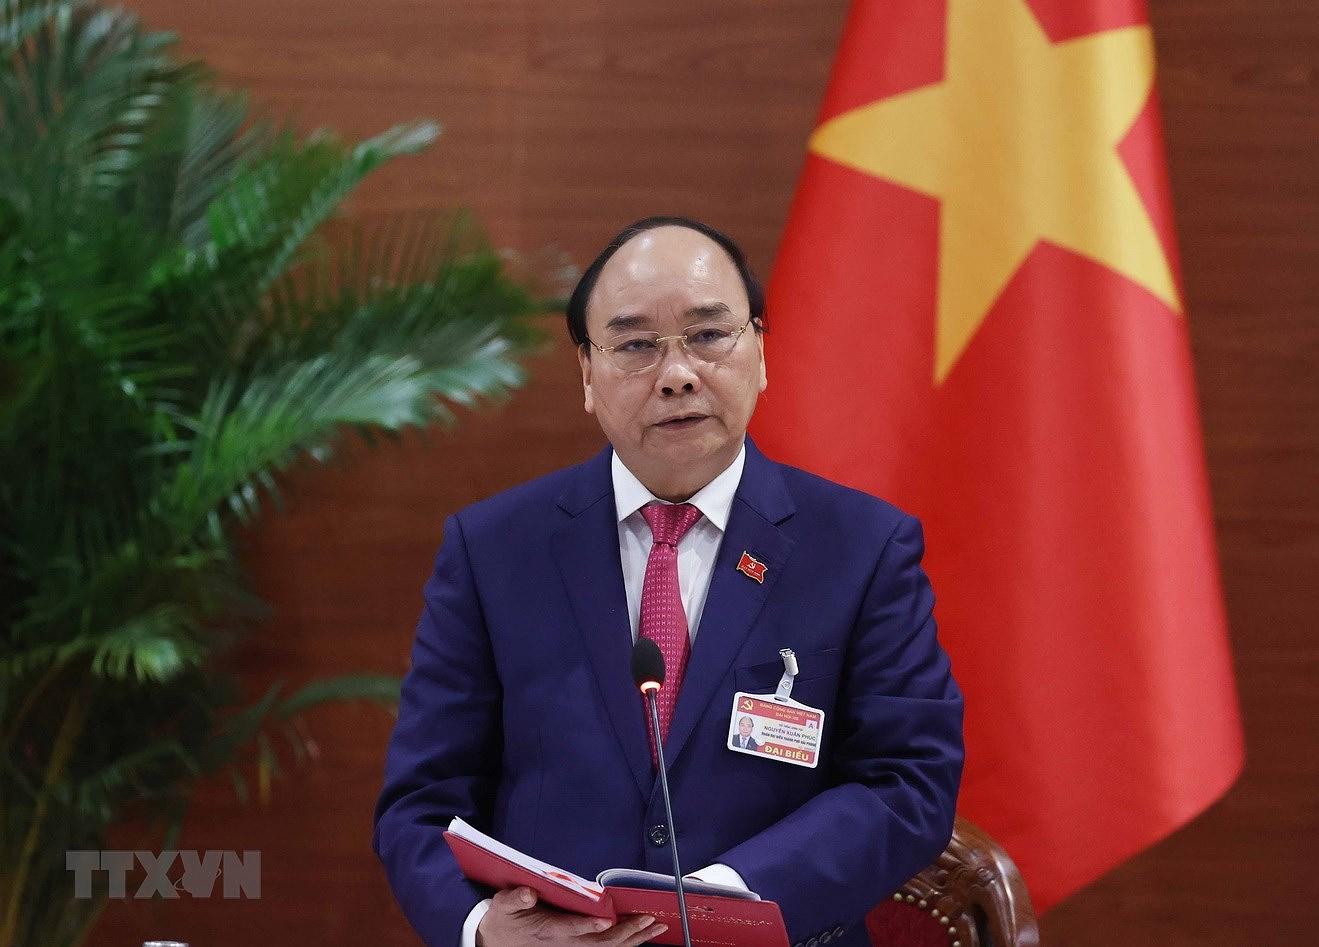 Chiều 1/4, trình Quốc hội miễn nhiệm Thủ tướng Nguyễn Xuân Phúc - Ảnh 1.